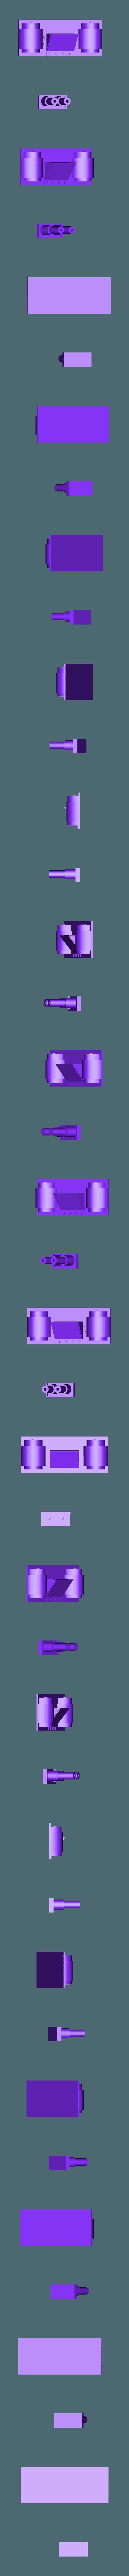 4-Rad-flamwagen_Rear.stl Télécharger fichier STL gratuit Vehcile de jeu de science-fiction Flamwagen à 4 rayons • Objet imprimable en 3D, redstarkits